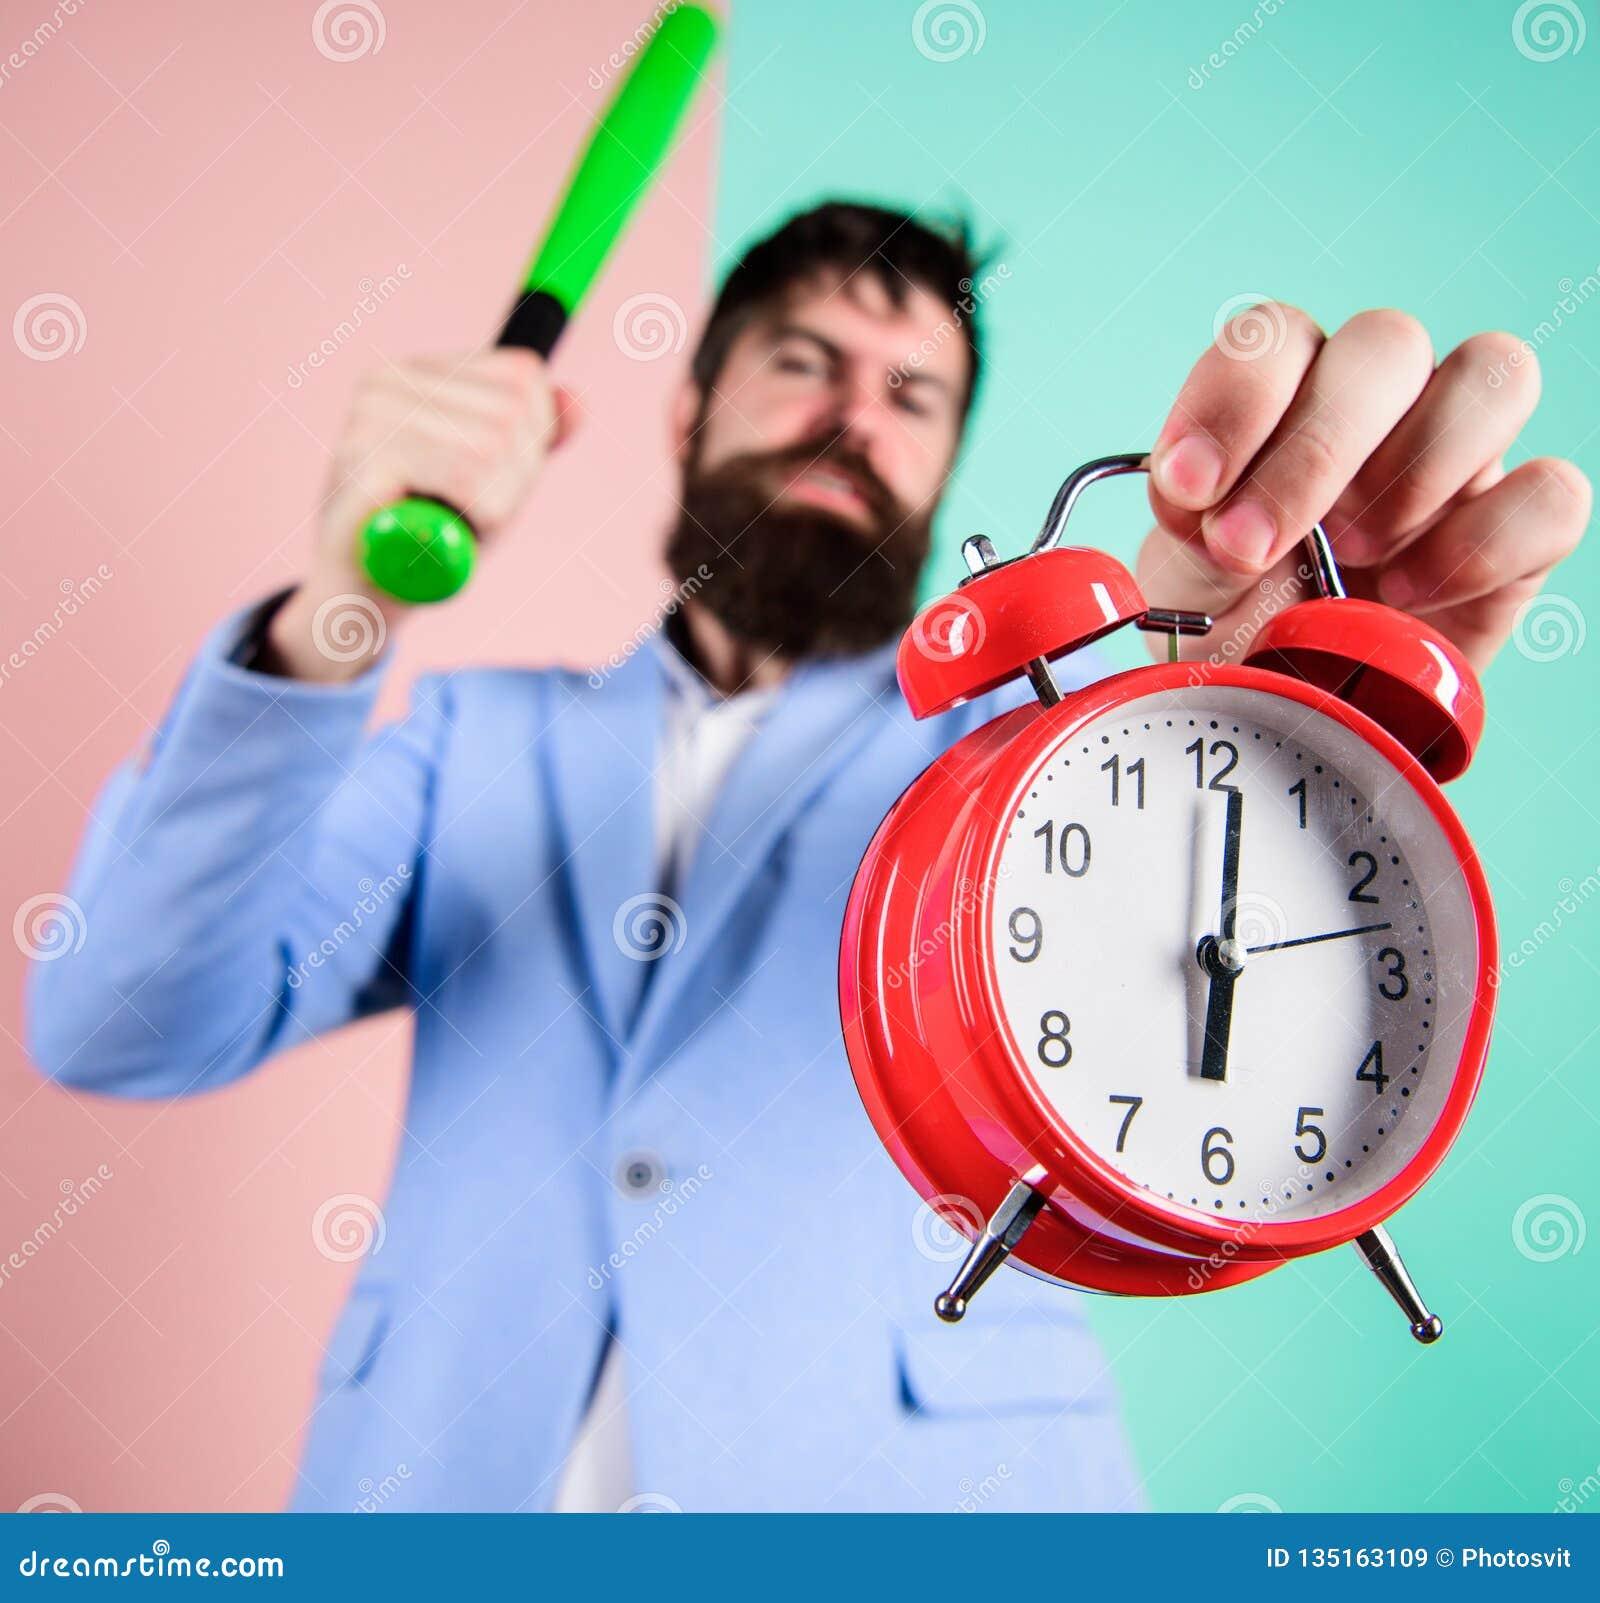 Дисциплина и санкции Будильник владением стороны босса агрессивный Разрушьте или поверните  Часы и бейсбол владением костюма чело